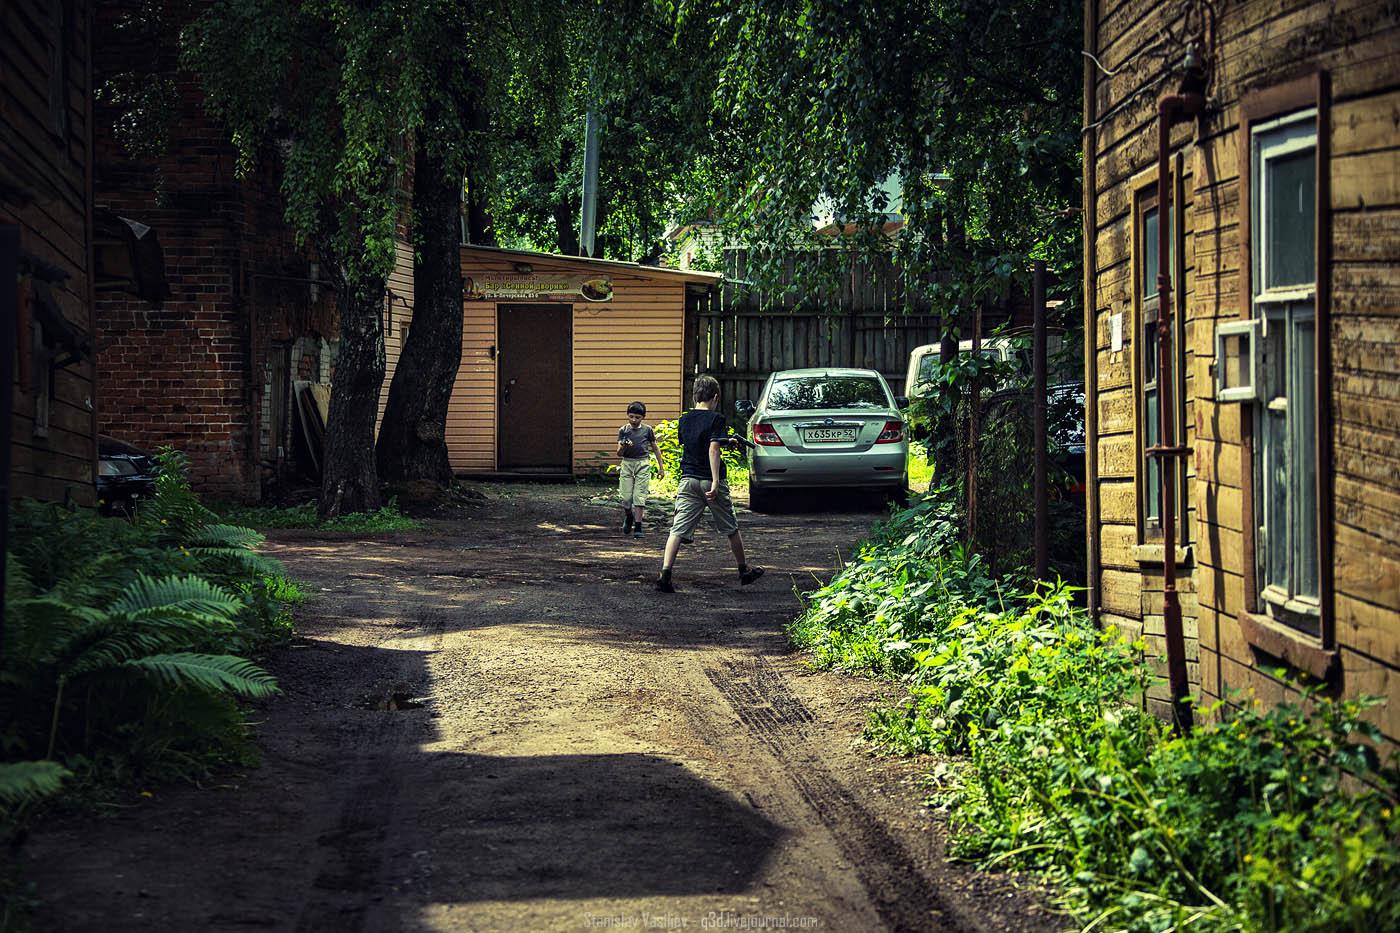 Экспедиция по Золотому кольцу - Нижний Новгород - День 4